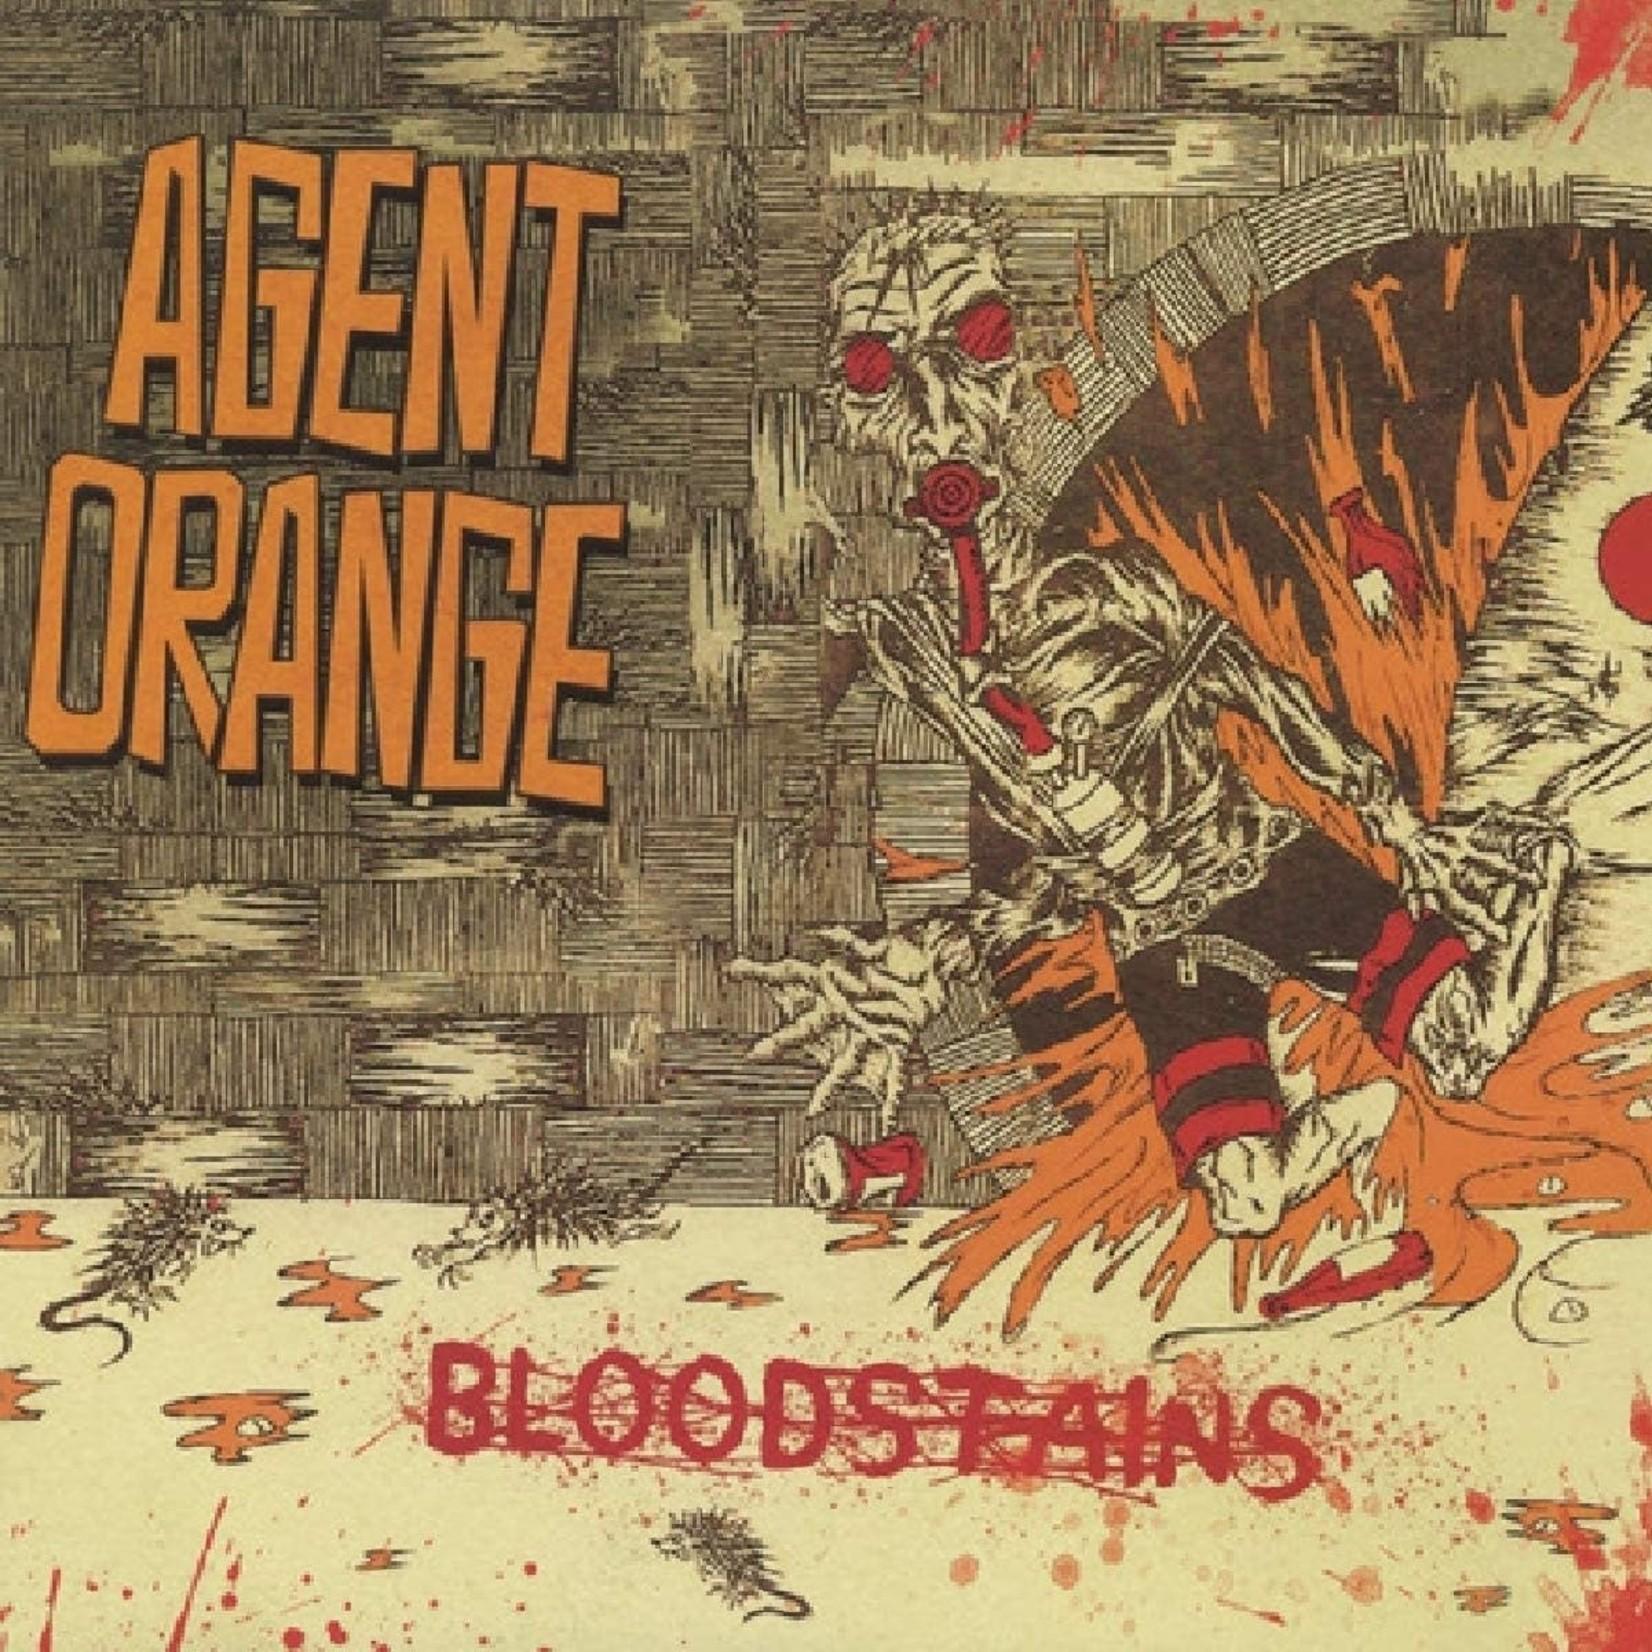 [New] Agent Orange: Bloodstains (orange vinyl)